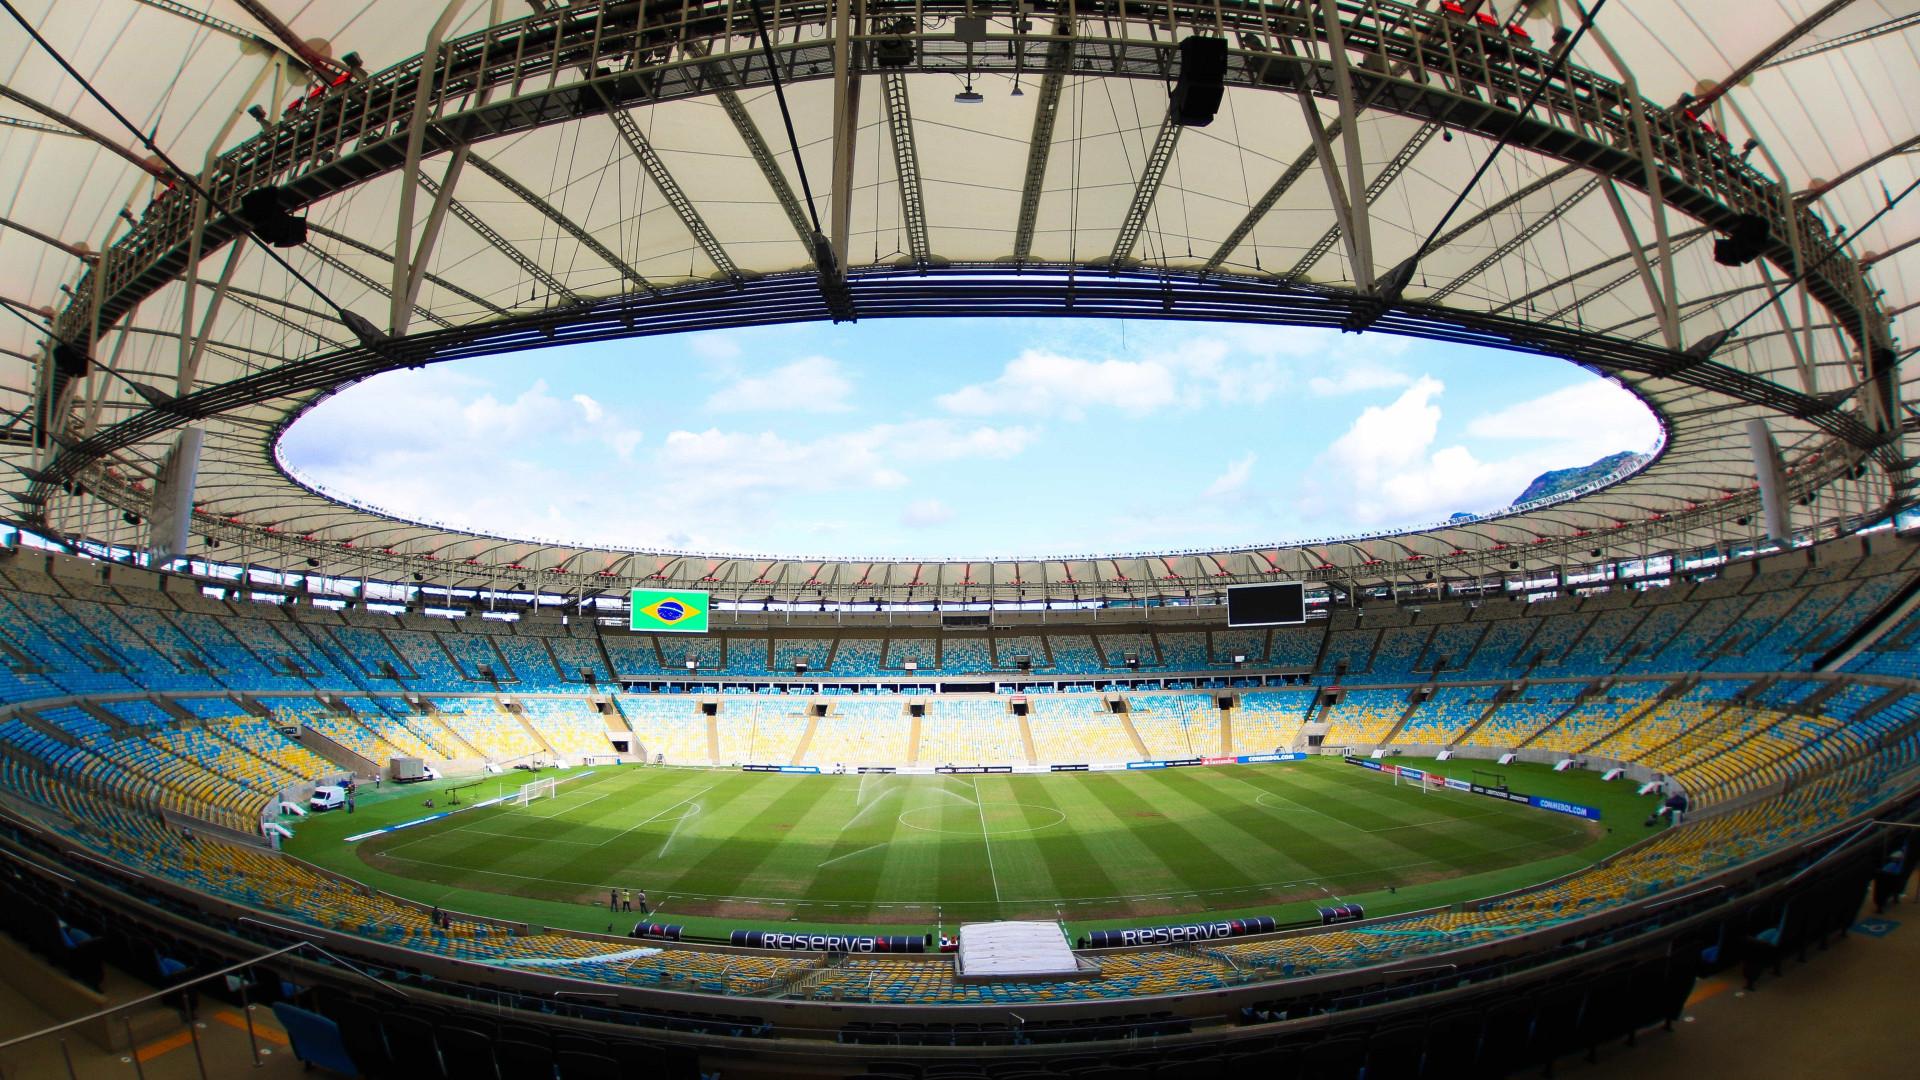 Por Copa do Brasil e TV, CBF remarca sete jogos do Brasileirão